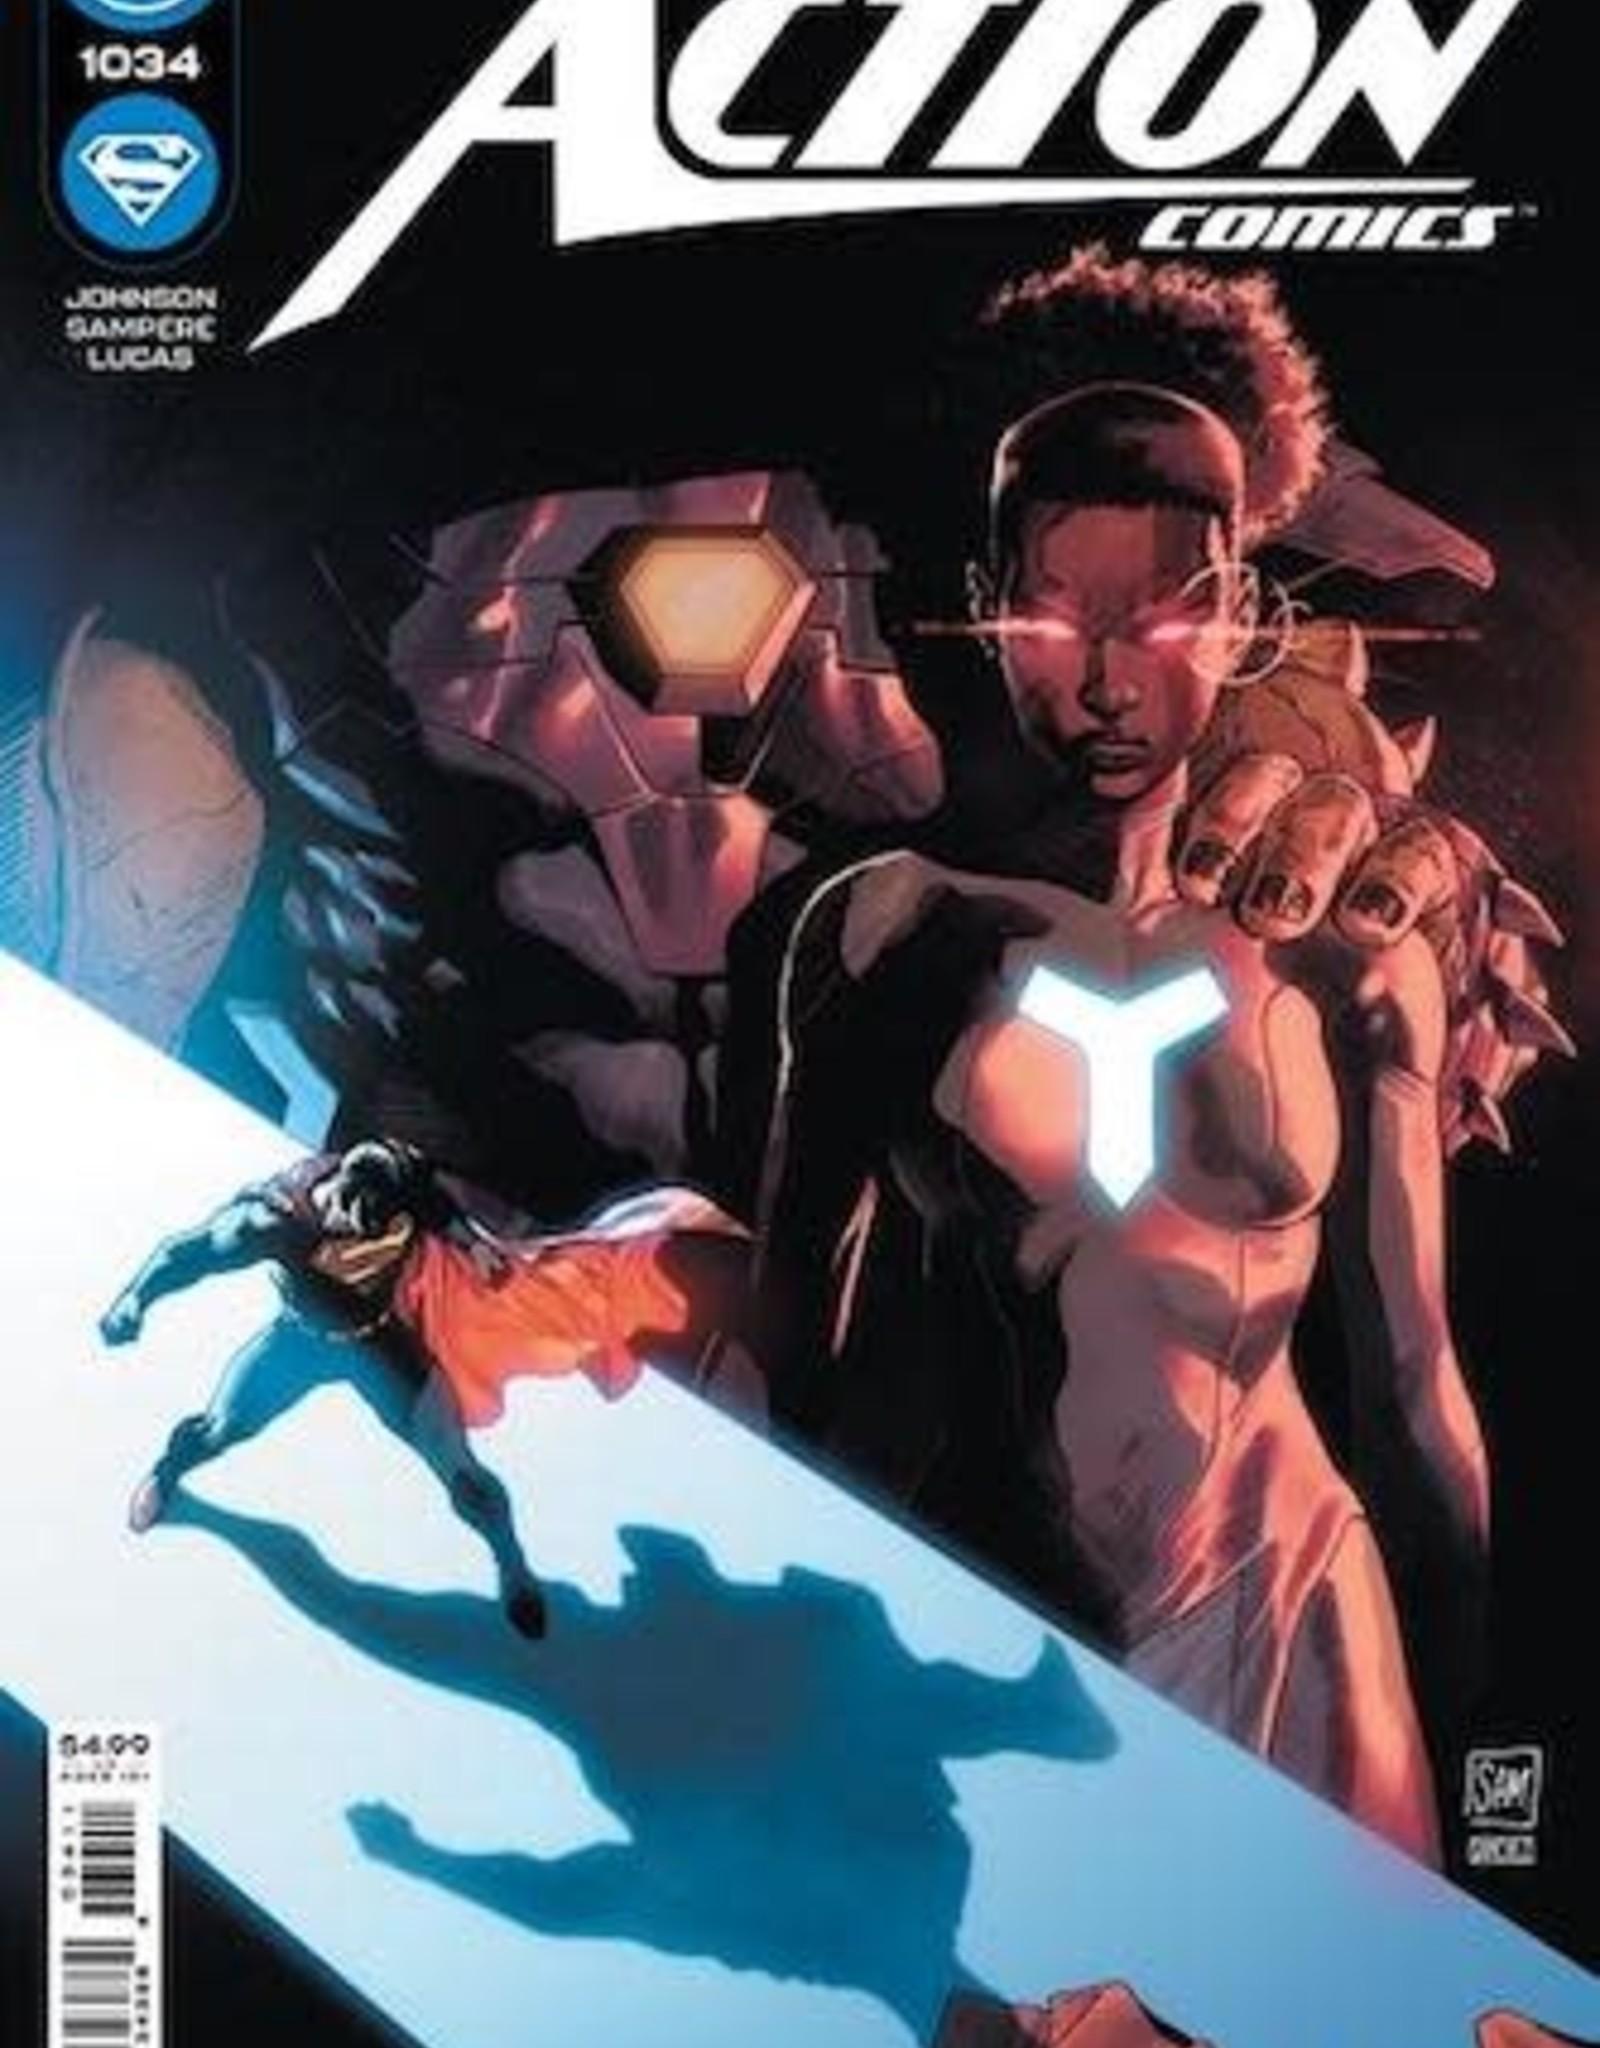 DC Comics Action Comics #1034 Cvr A Daniel Sampere